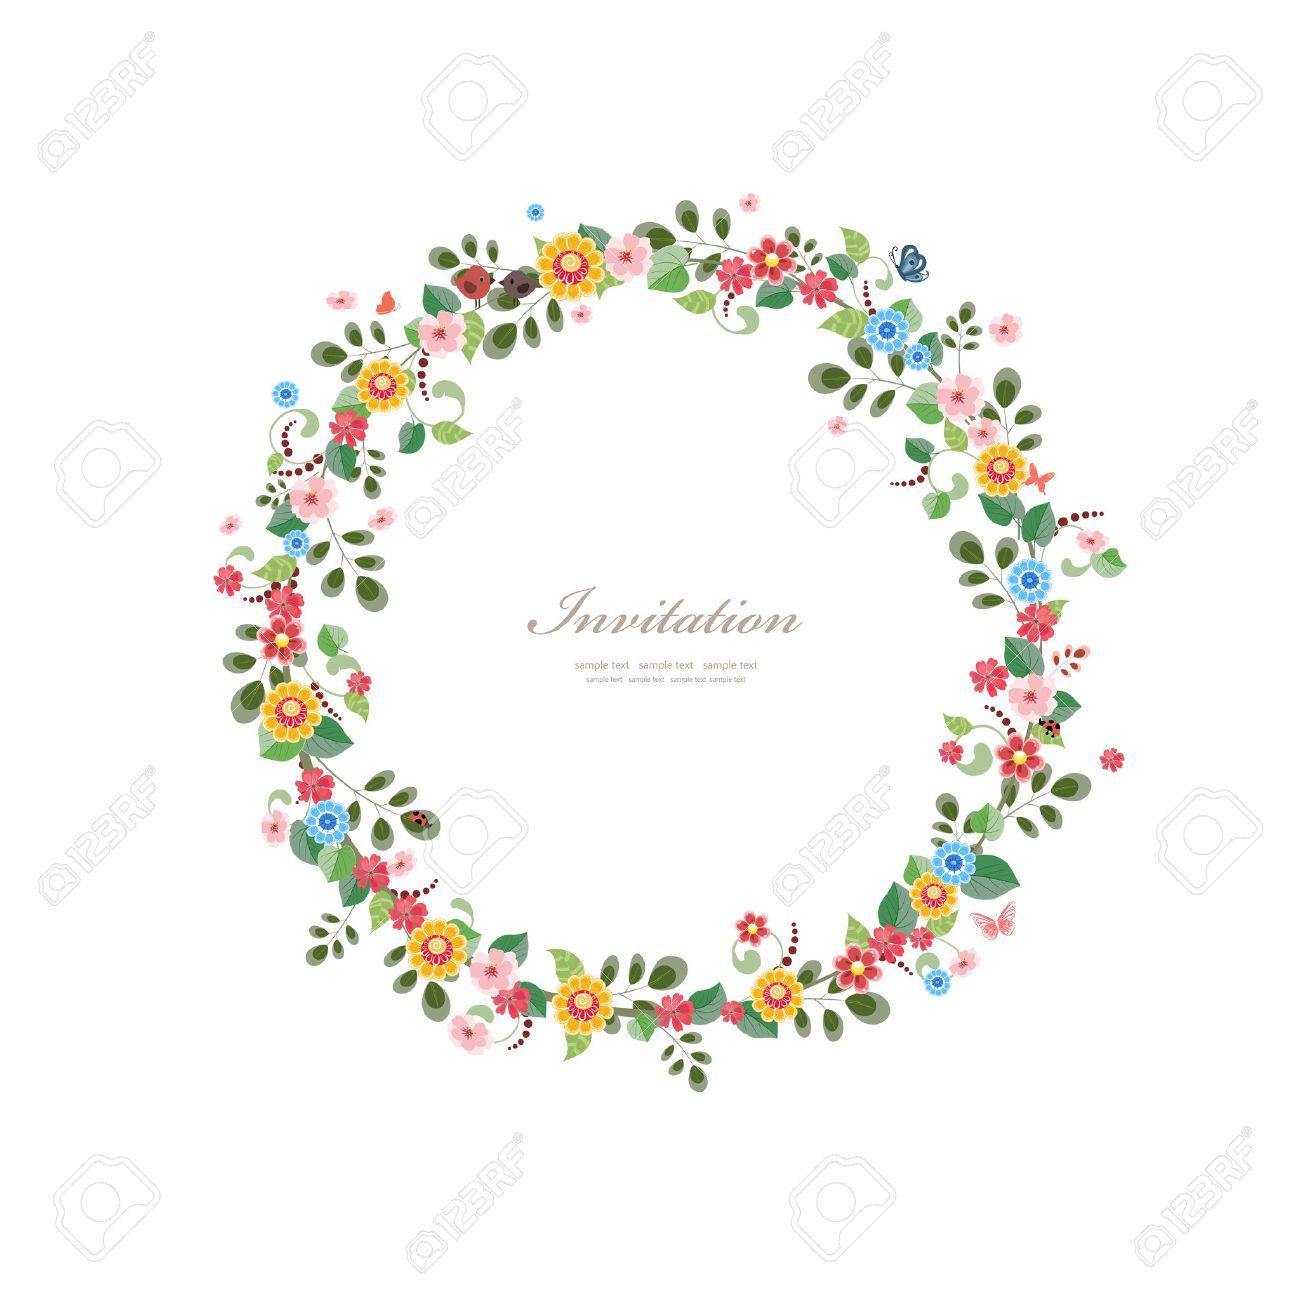 couronne de fleur carton dinvitation avec couronne de fleurs pour votre conception